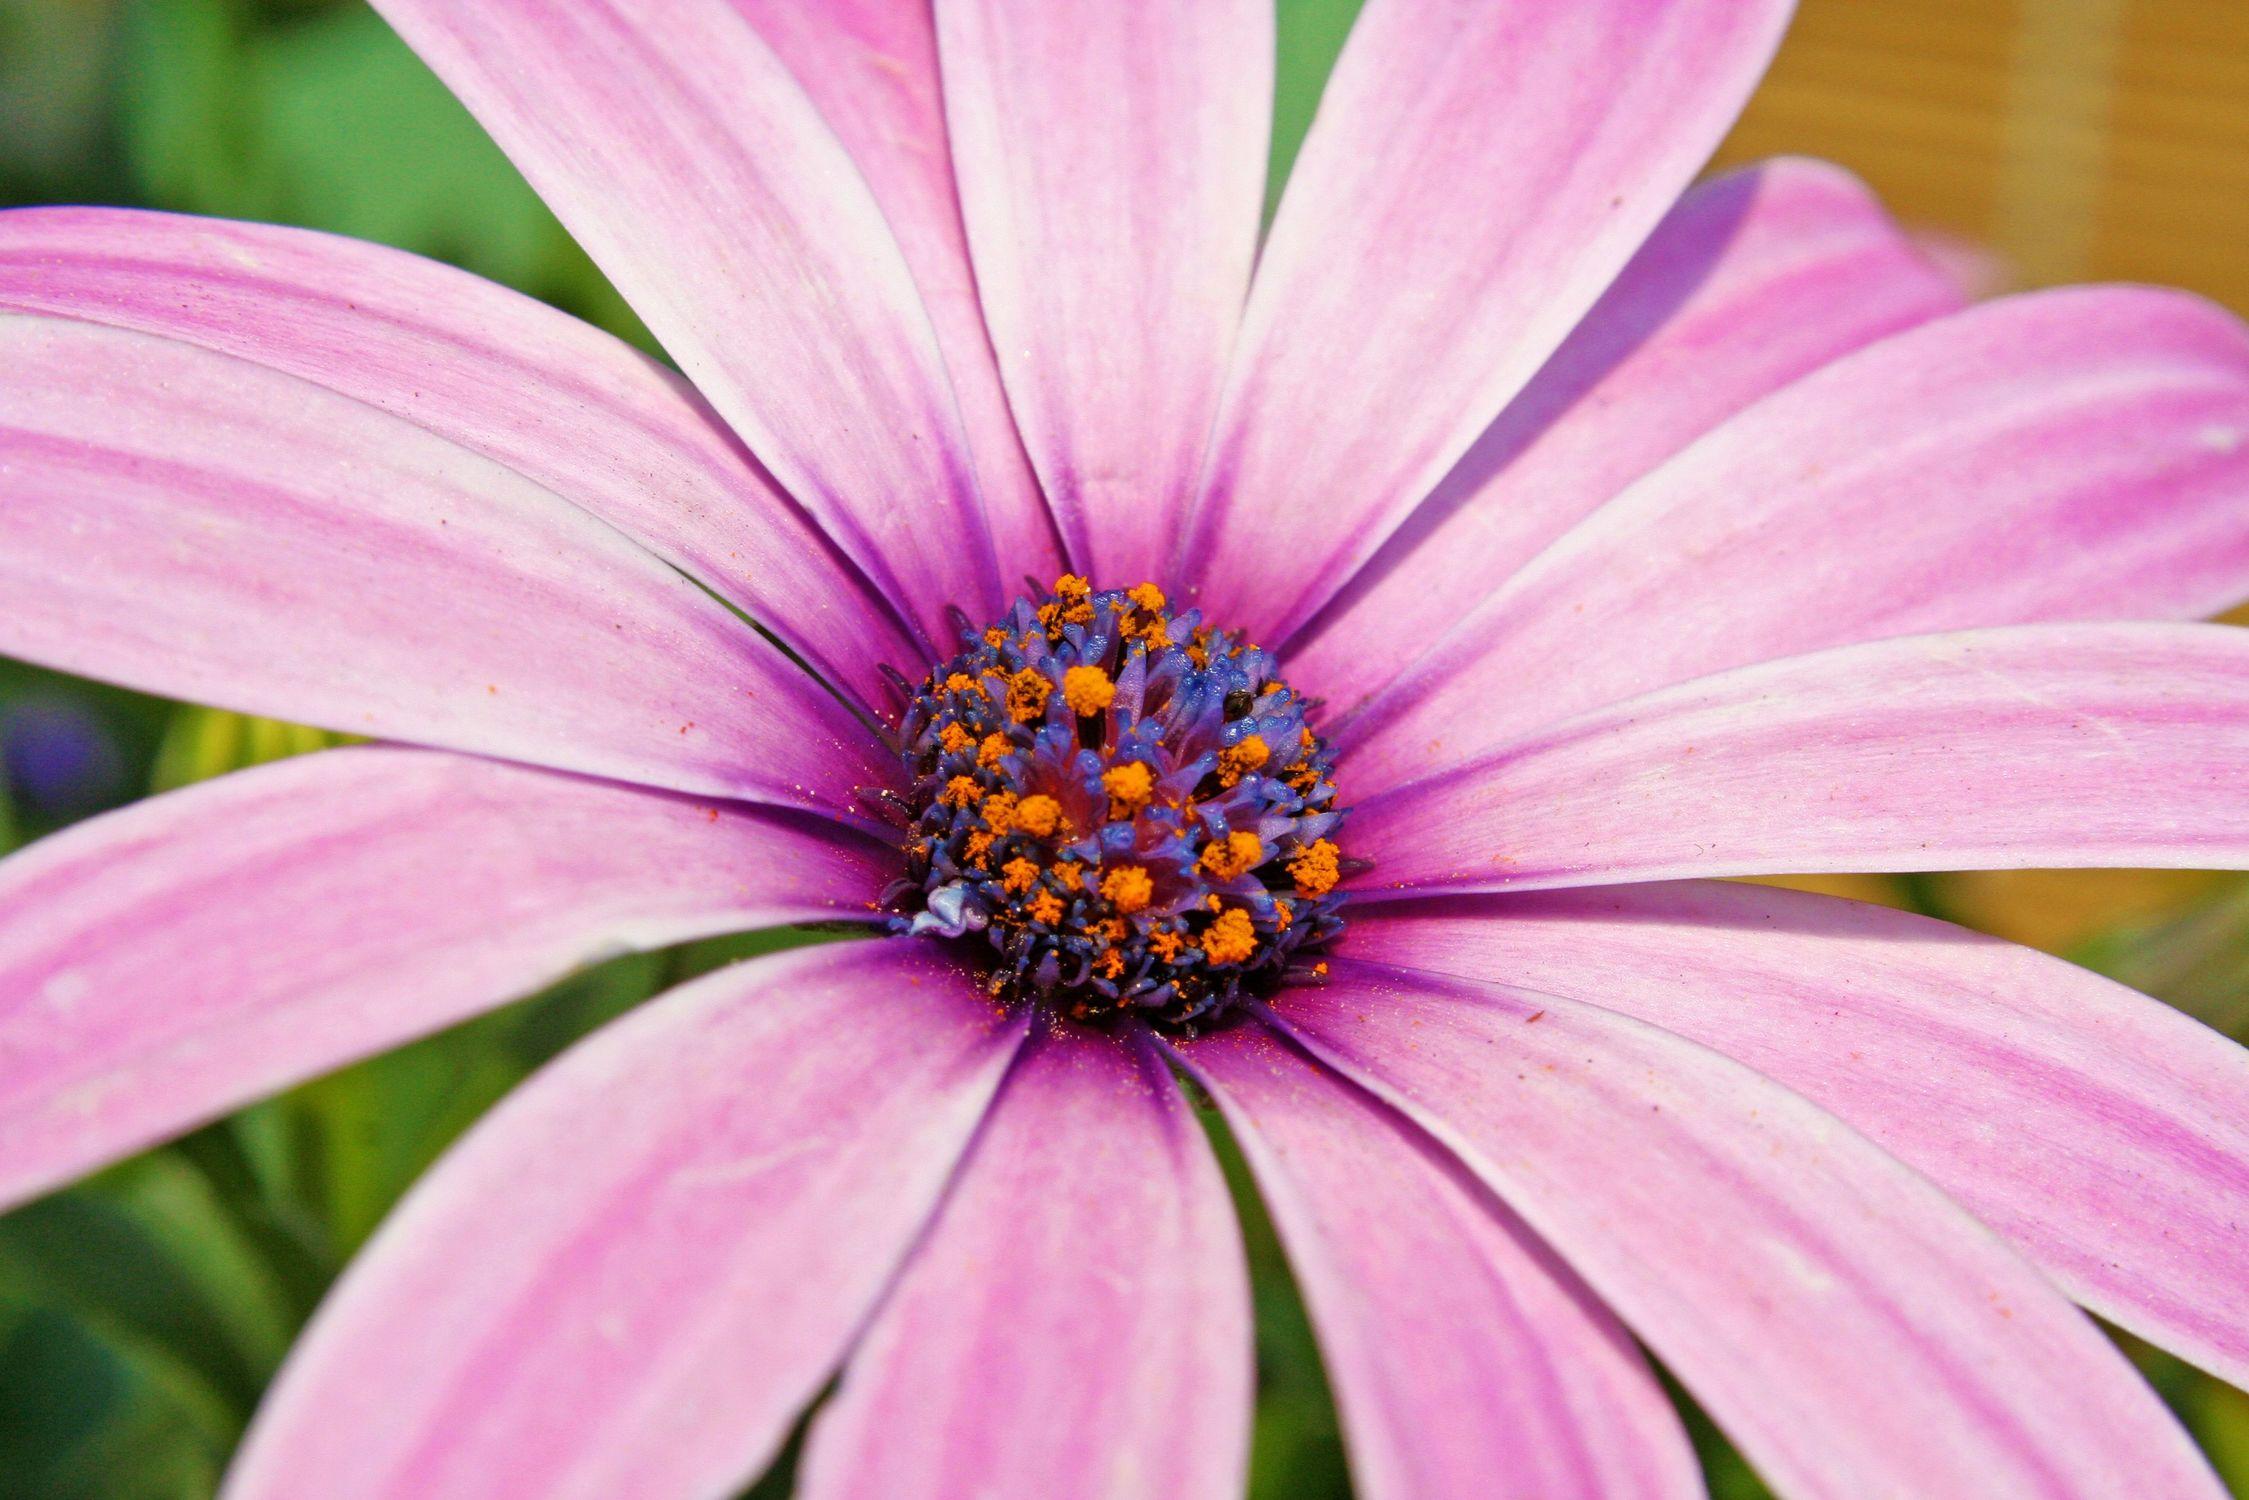 Bild mit Farben, Natur, Pflanzen, Jahreszeiten, Blumen, Rosa, Lila, Frühling, Korbblütler, Gerberas